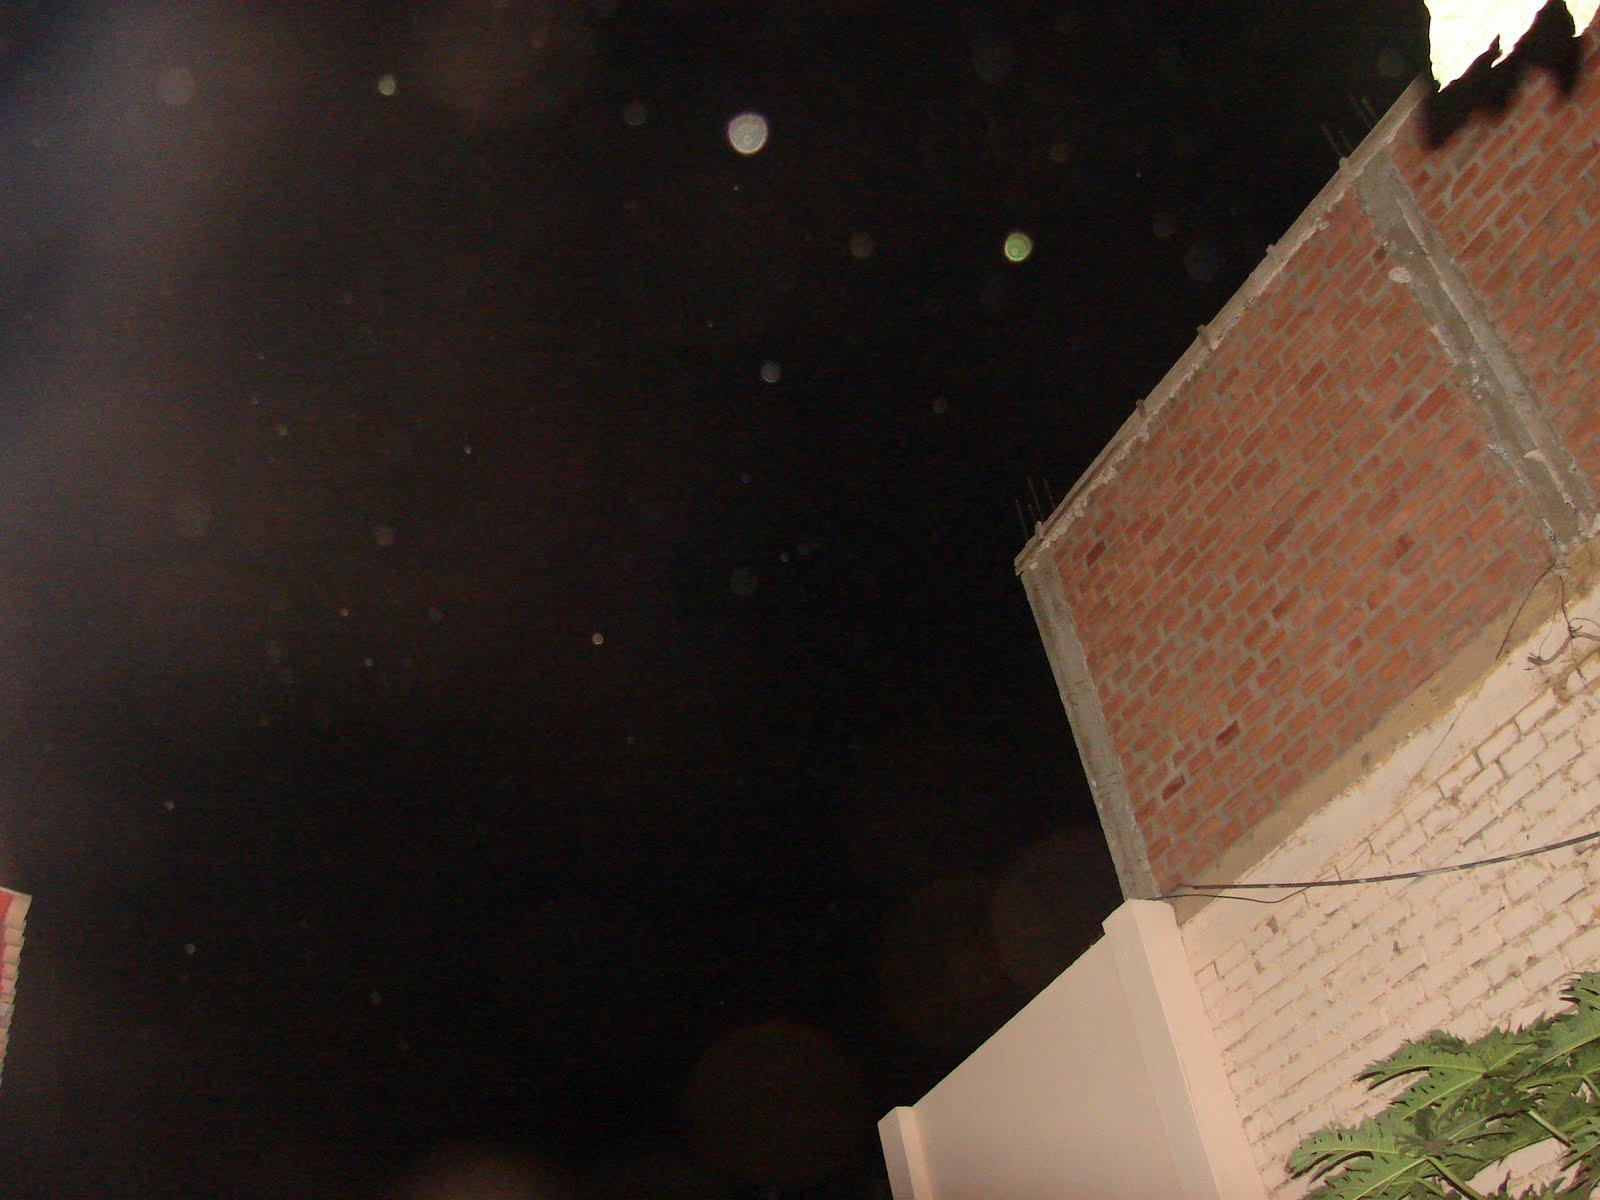 11-mayo-12-13-14...2011 ATENCION-uLTIMO AVISTAMIENTOS Caneplas ET Ovni sec...